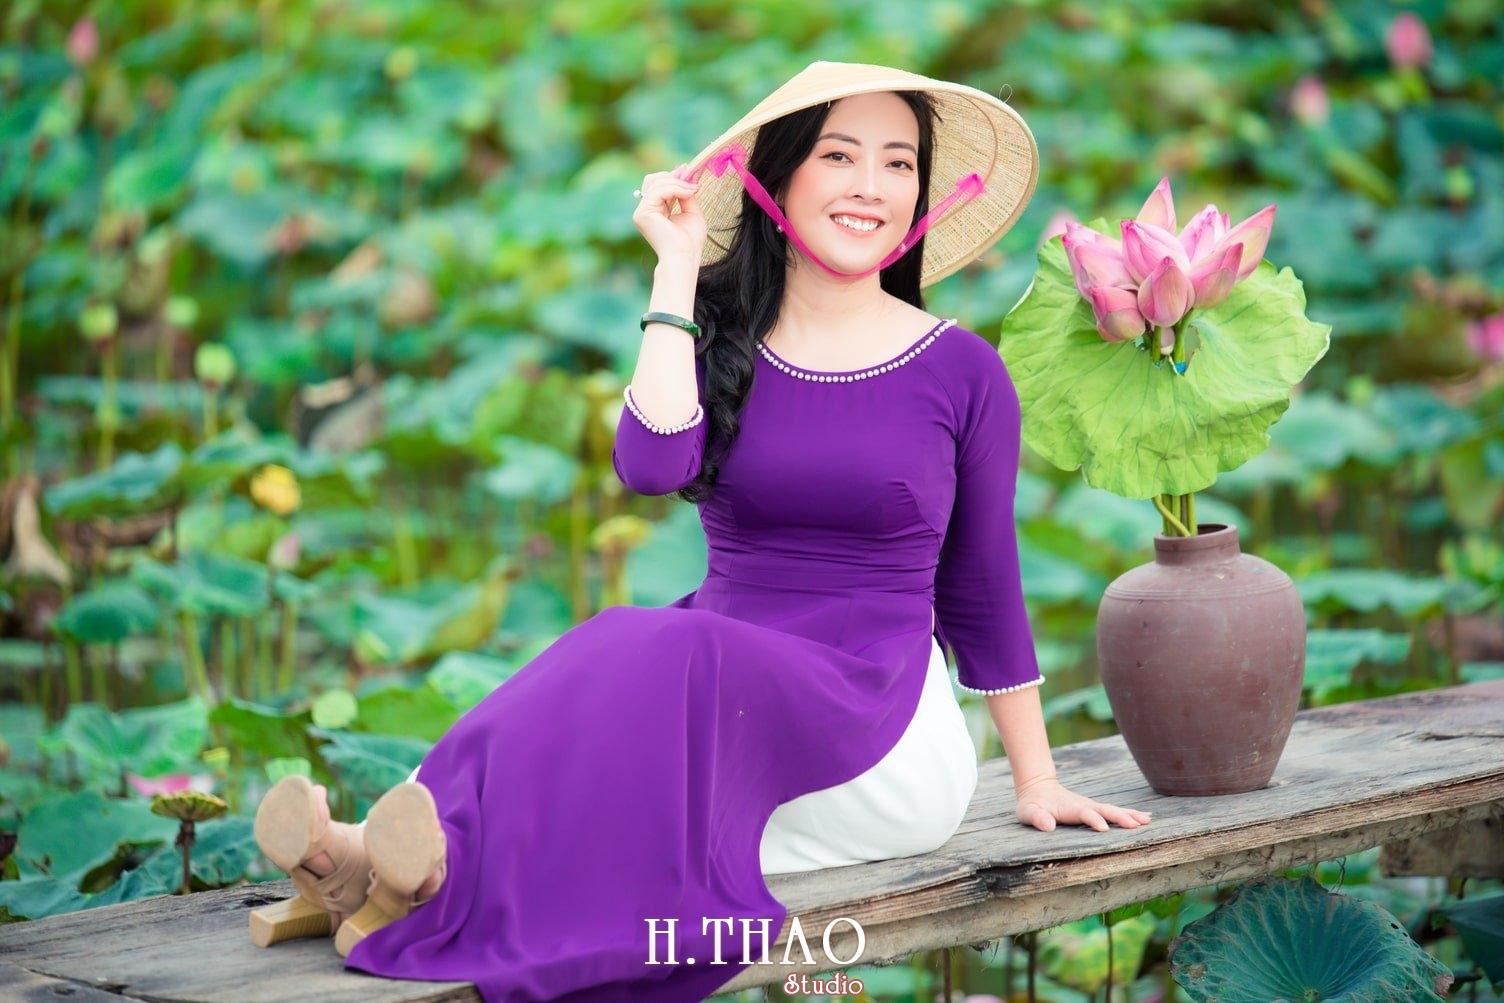 Anh Hoa sen tam da 7 - Bộ ảnh hoa sen với áo dài tím đẹp dễ thương - HThao Studio